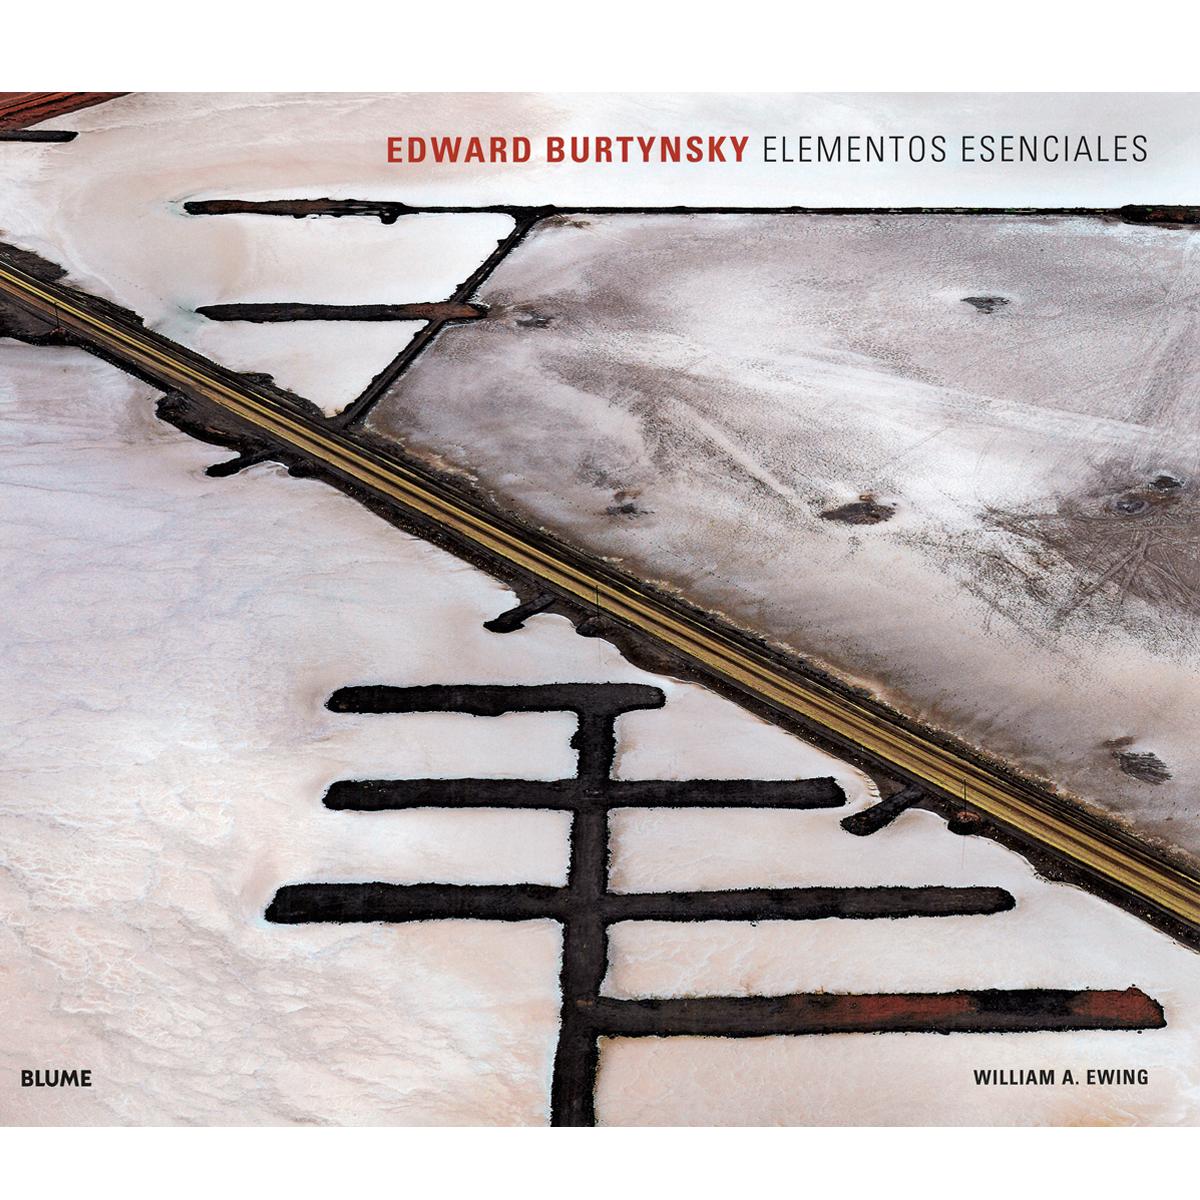 Edward Burtynsky. Elementos esenciales